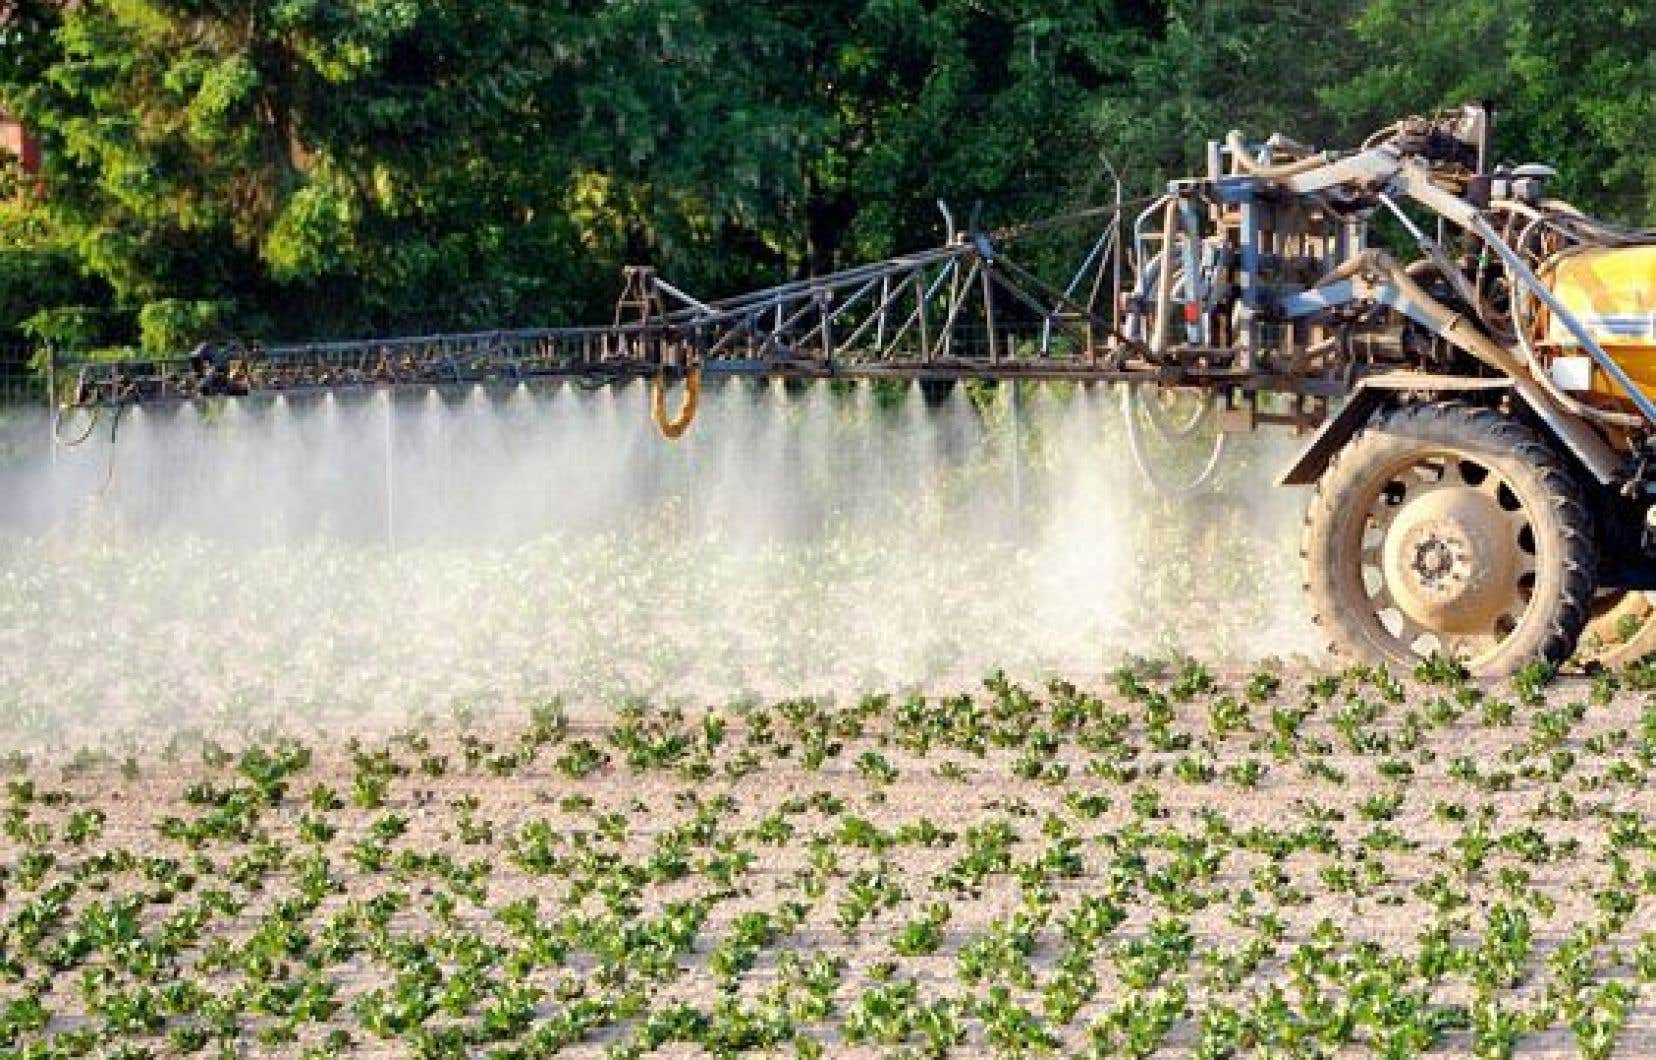 Professeur et chercheur en biologie moléculaire à l'Université de Sherbrooke, Luc Gaudreau croit que l'usage des pesticides peut entraîner des perturbations importantes dans le fonctionnement des cellules humaines.